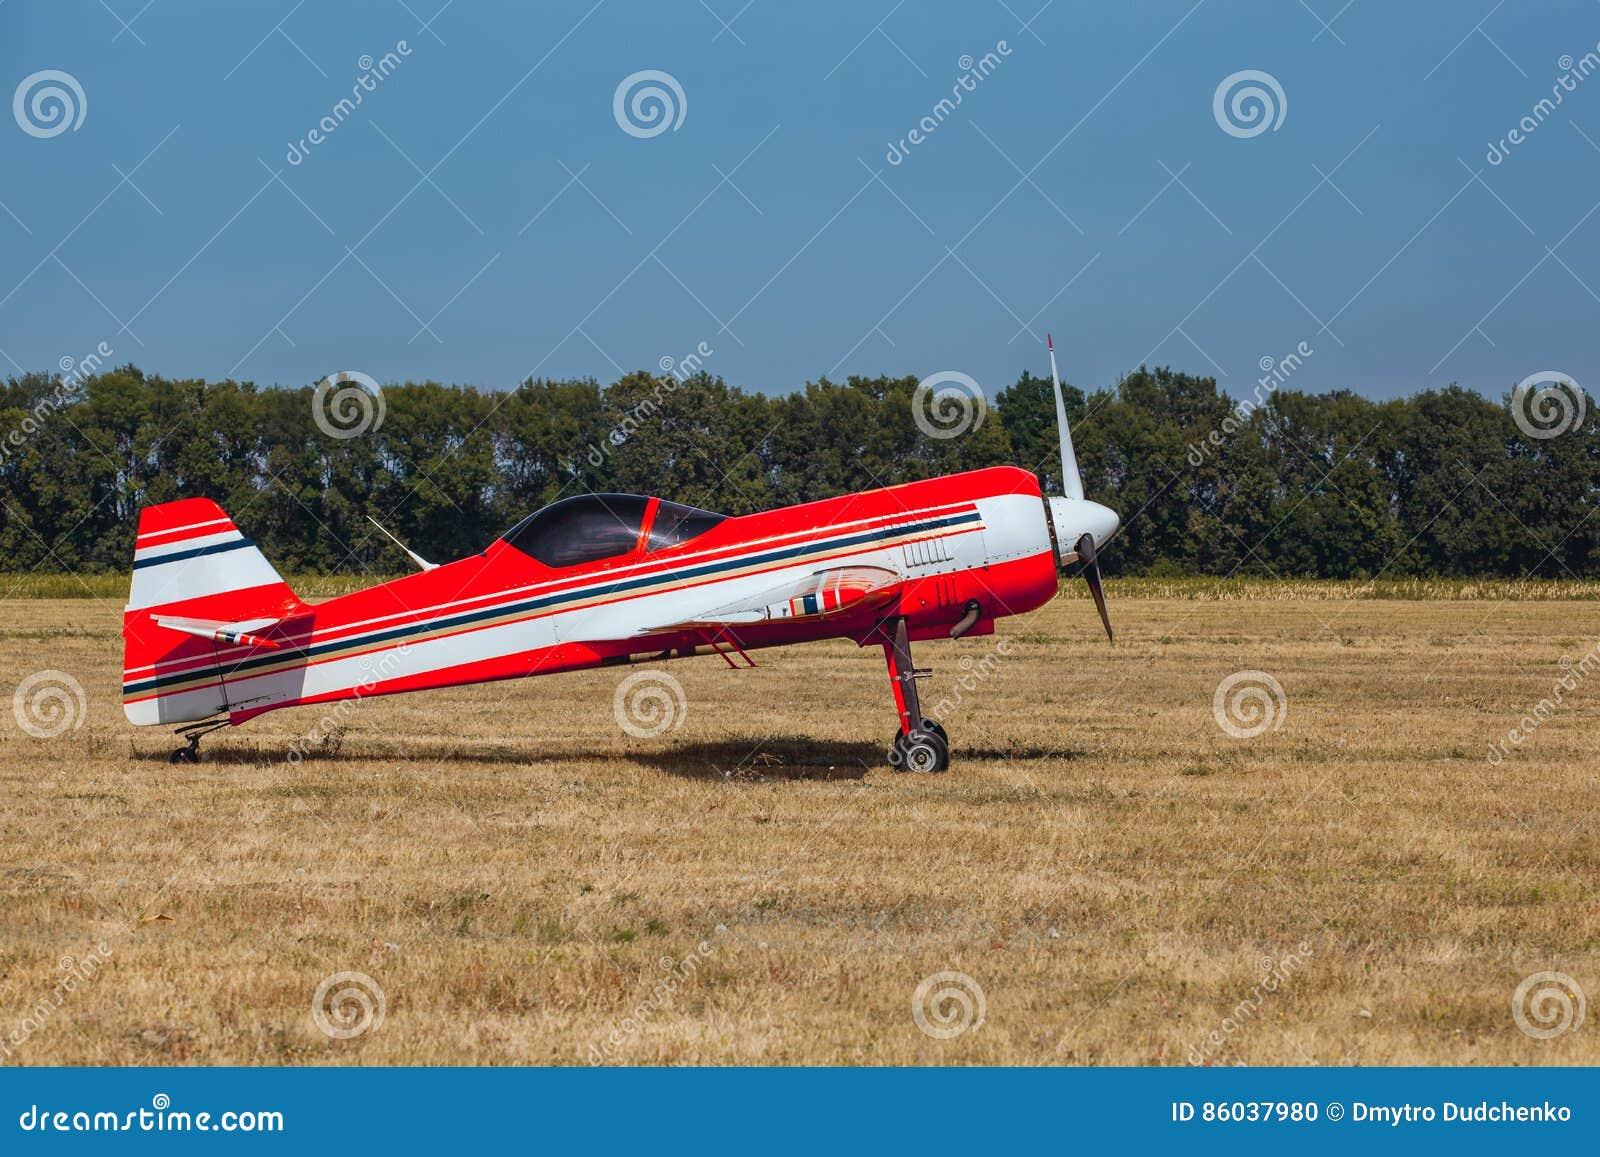 Jet Privato Rosa : La fa salire sull aereo privato con l inganno la spettacolare